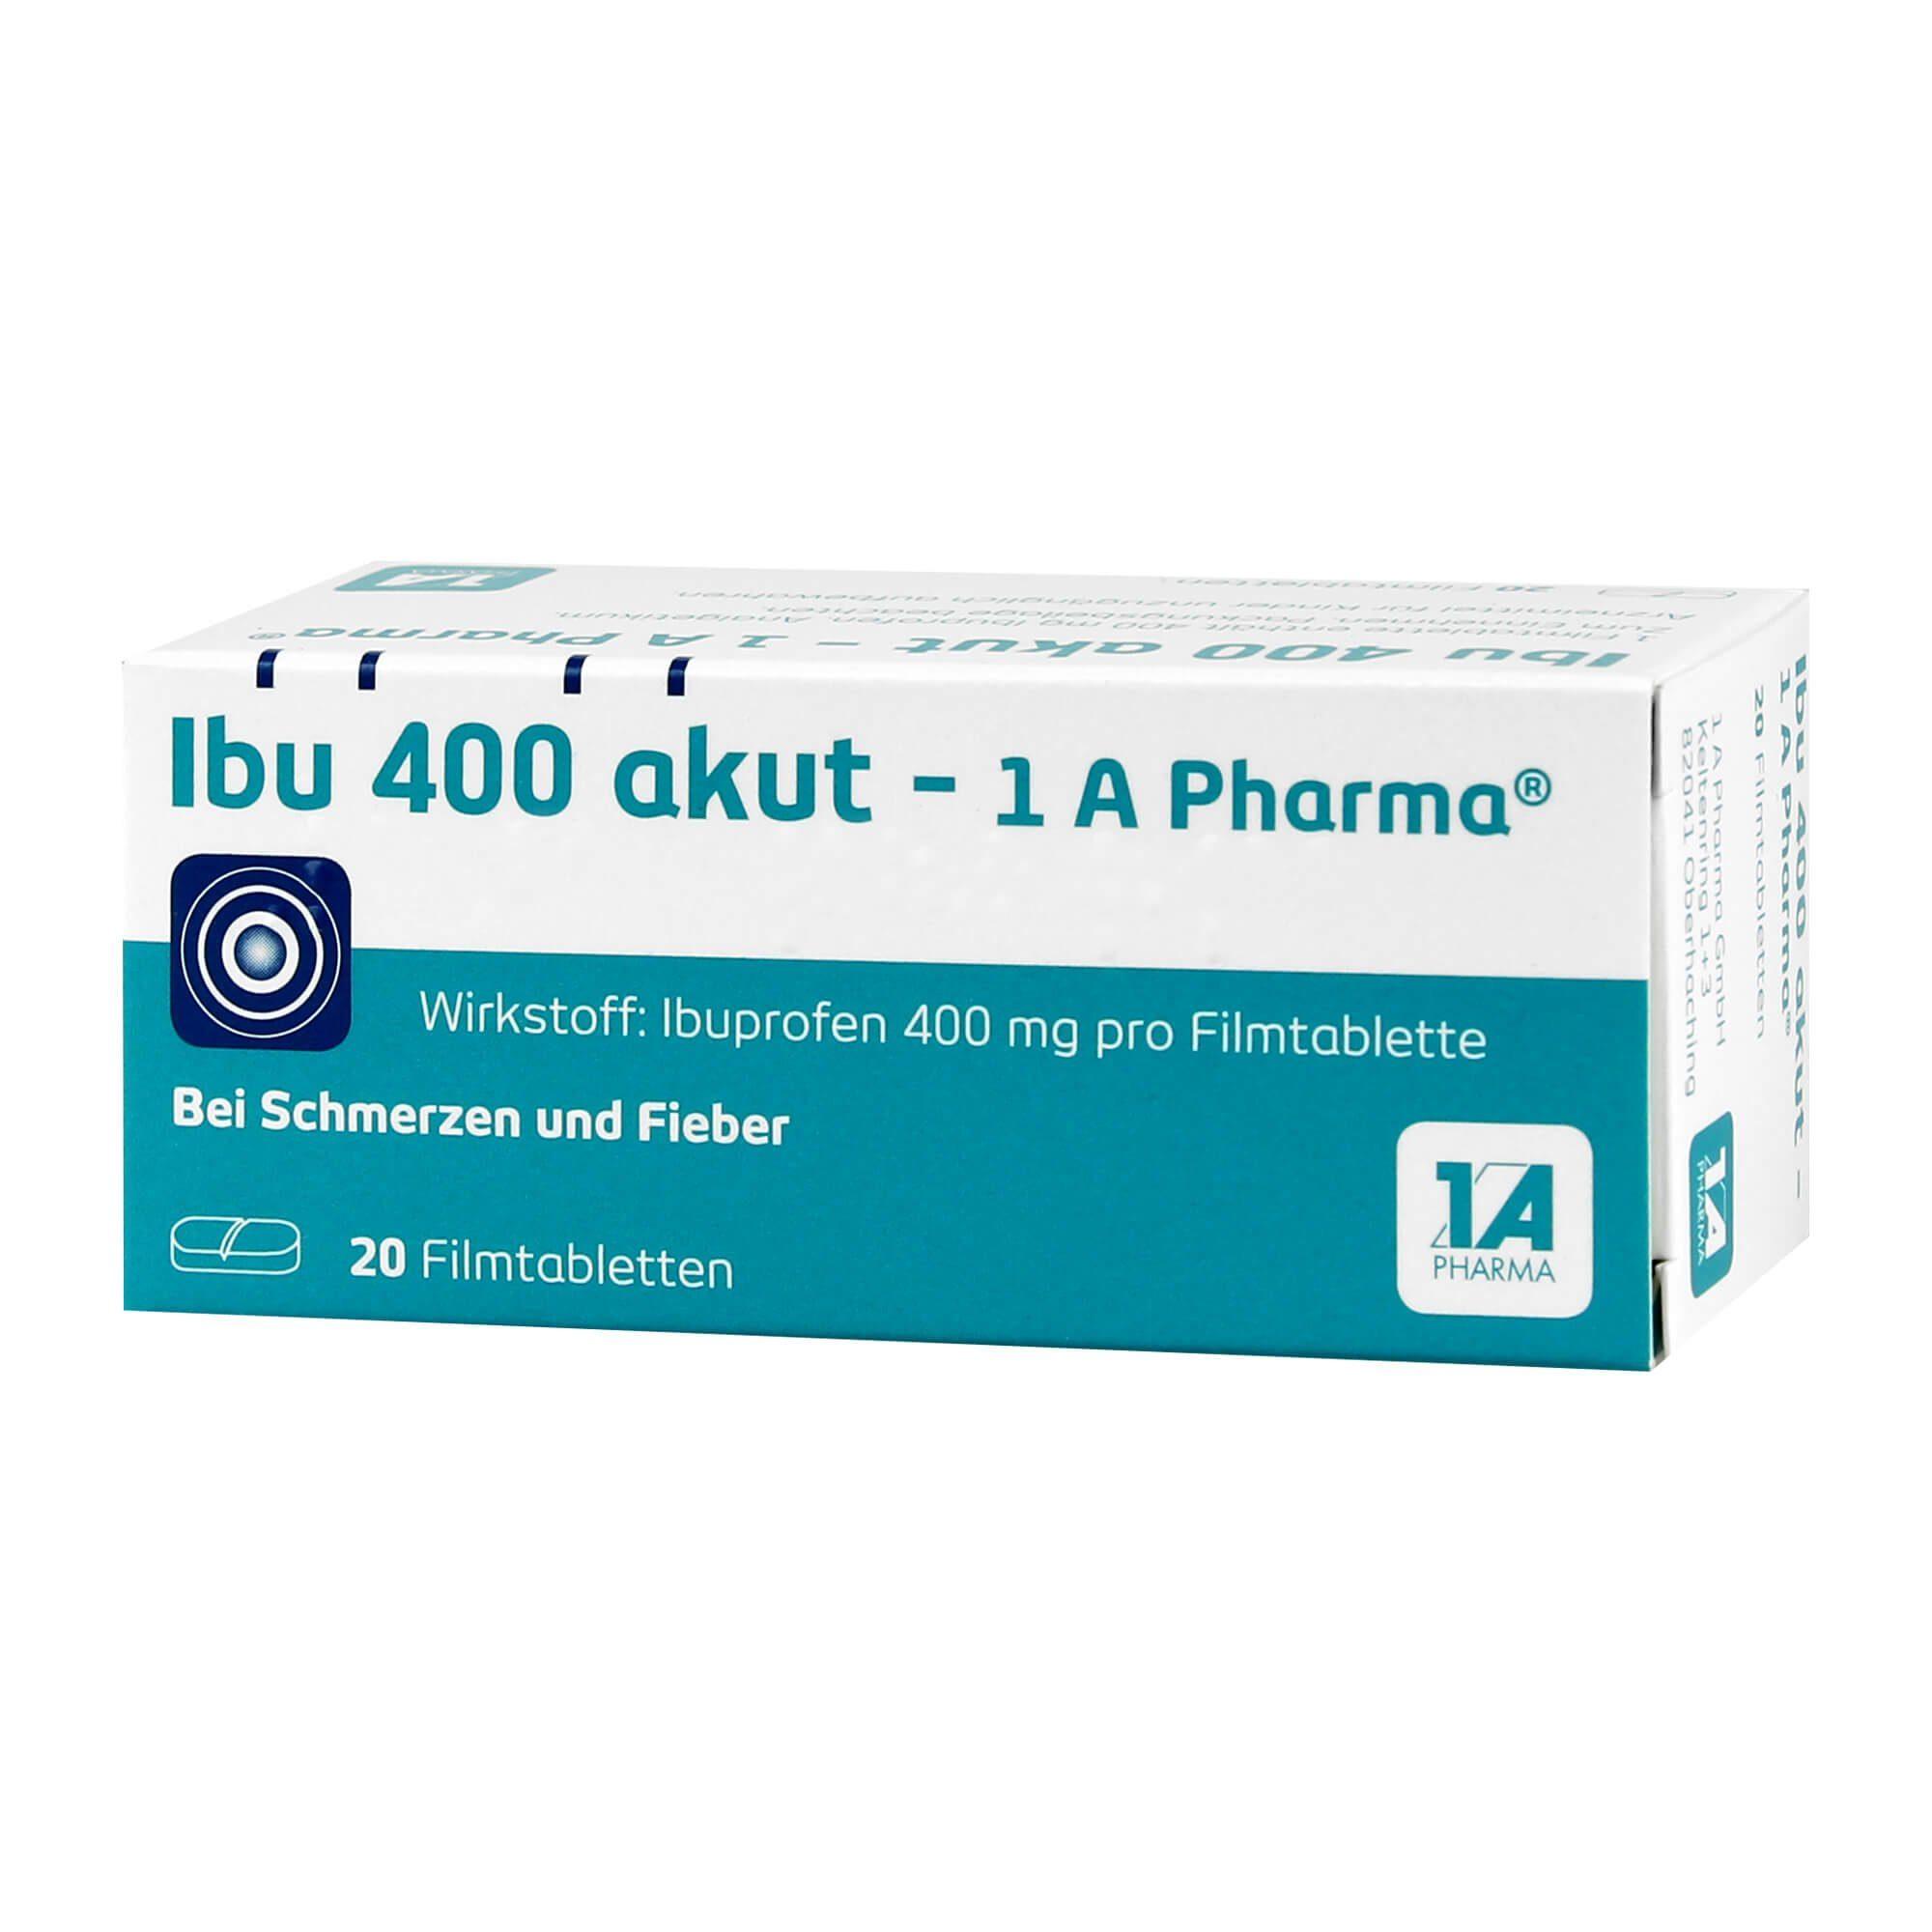 Ibu 400 akut - 1 A Pharma, 20 St